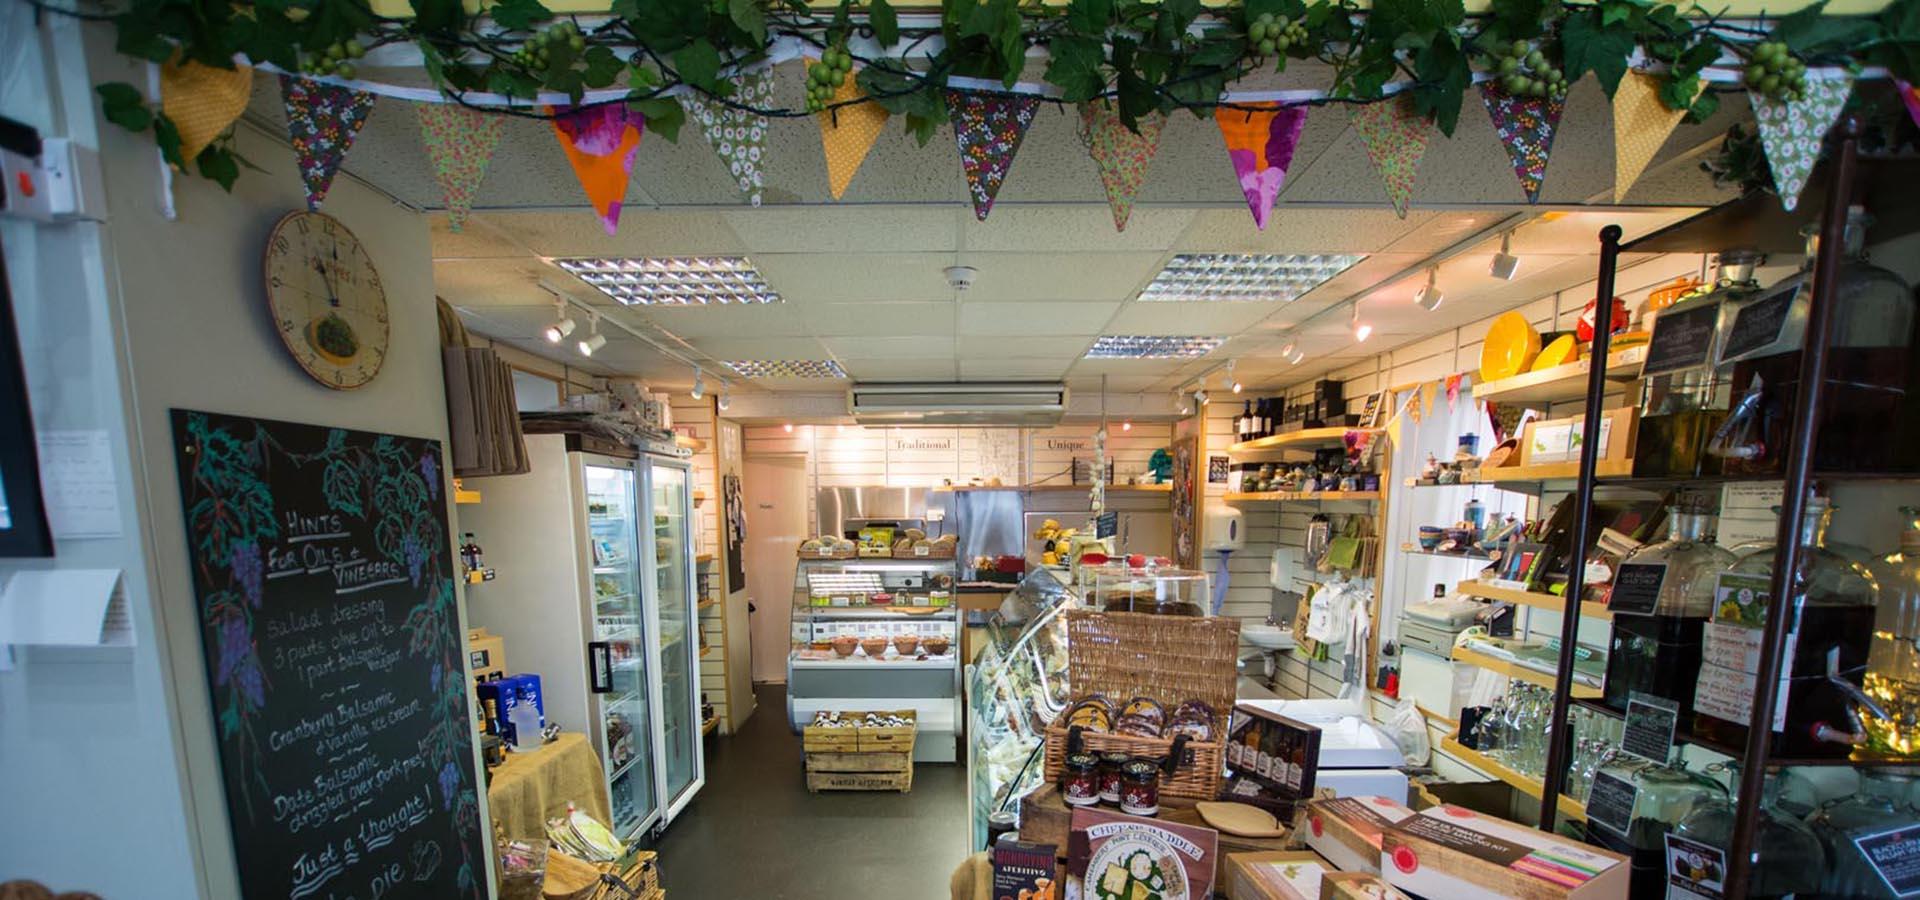 Keswick Cheese Deli Shop Interior